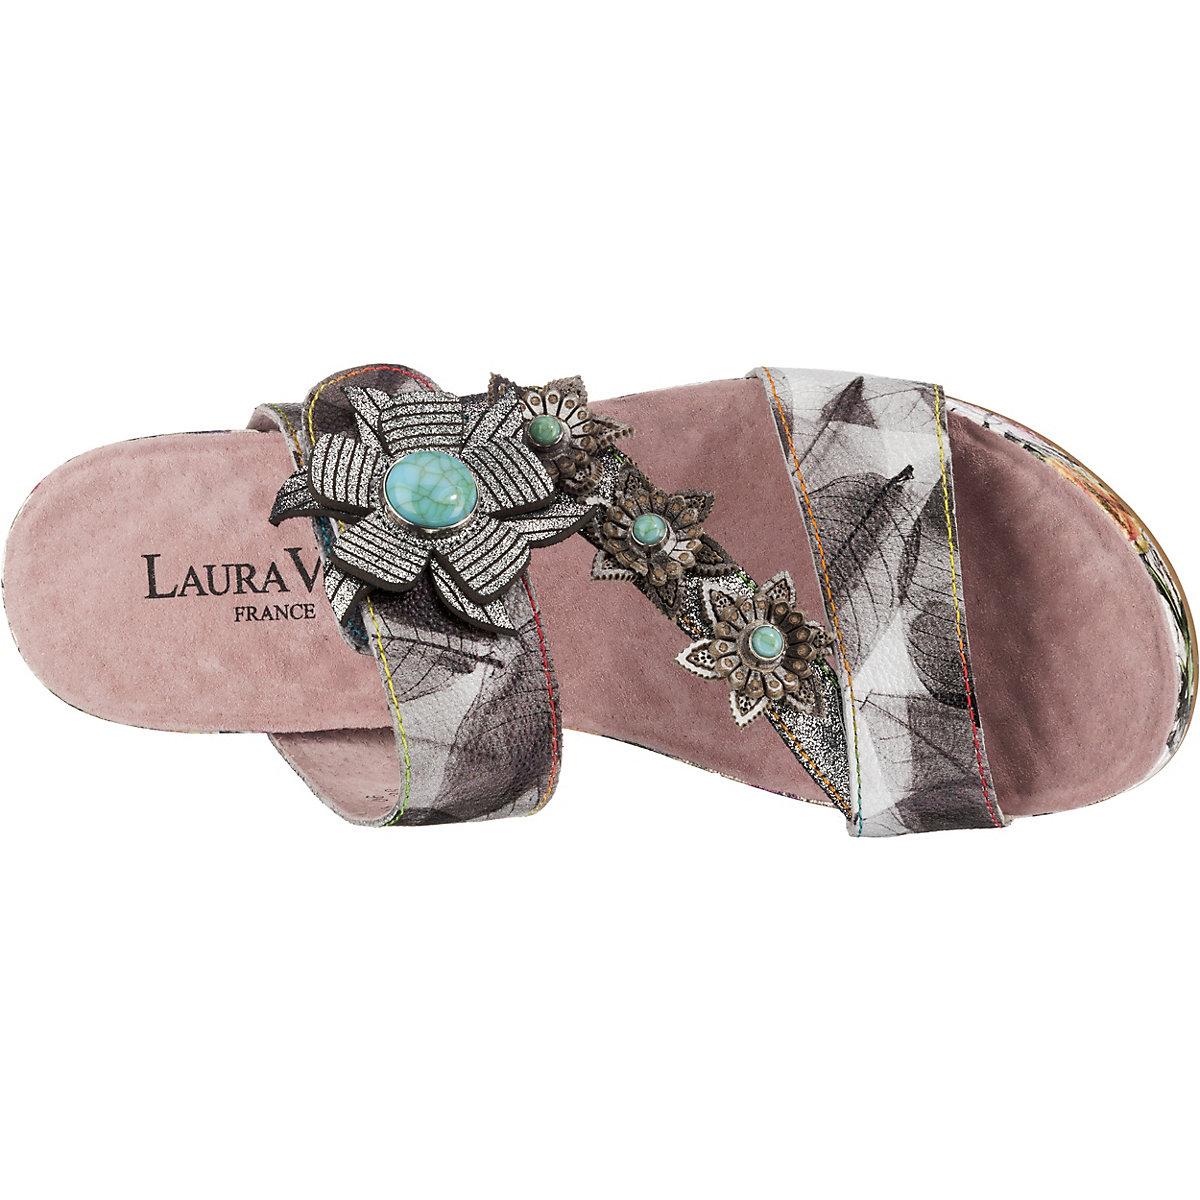 Laura Vita, Komfort-pantoletten, Schwarz Artikelnummer:10228793